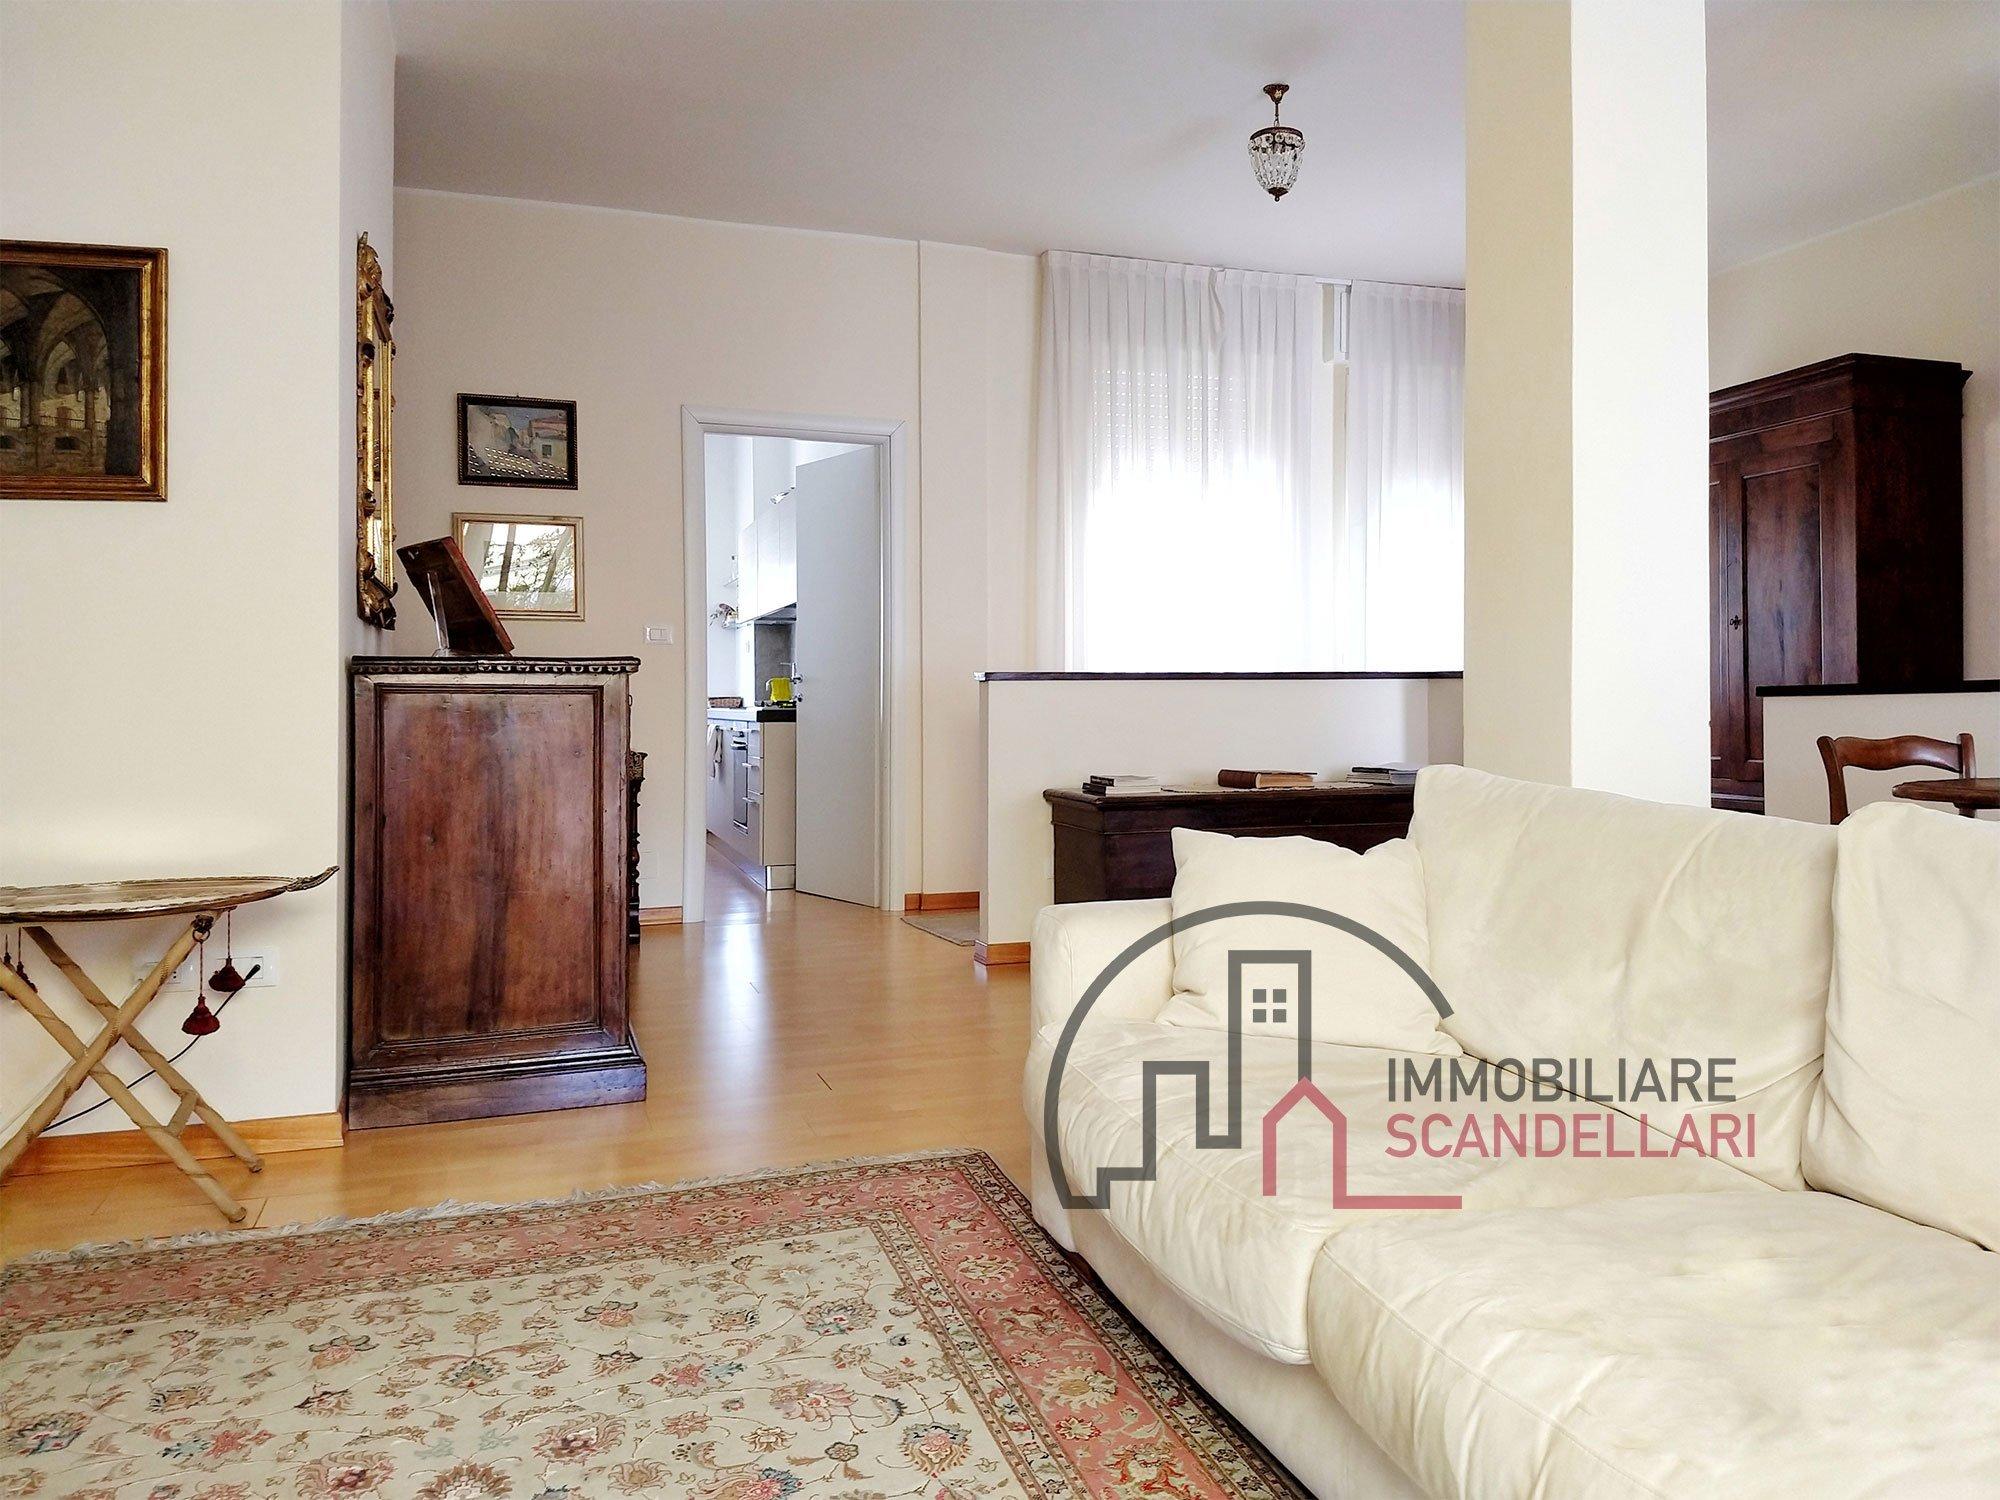 Rimini - Centro Storico - Appartamento 5 locali ristrutturato al 5° piano - Immobiliare Scandellari